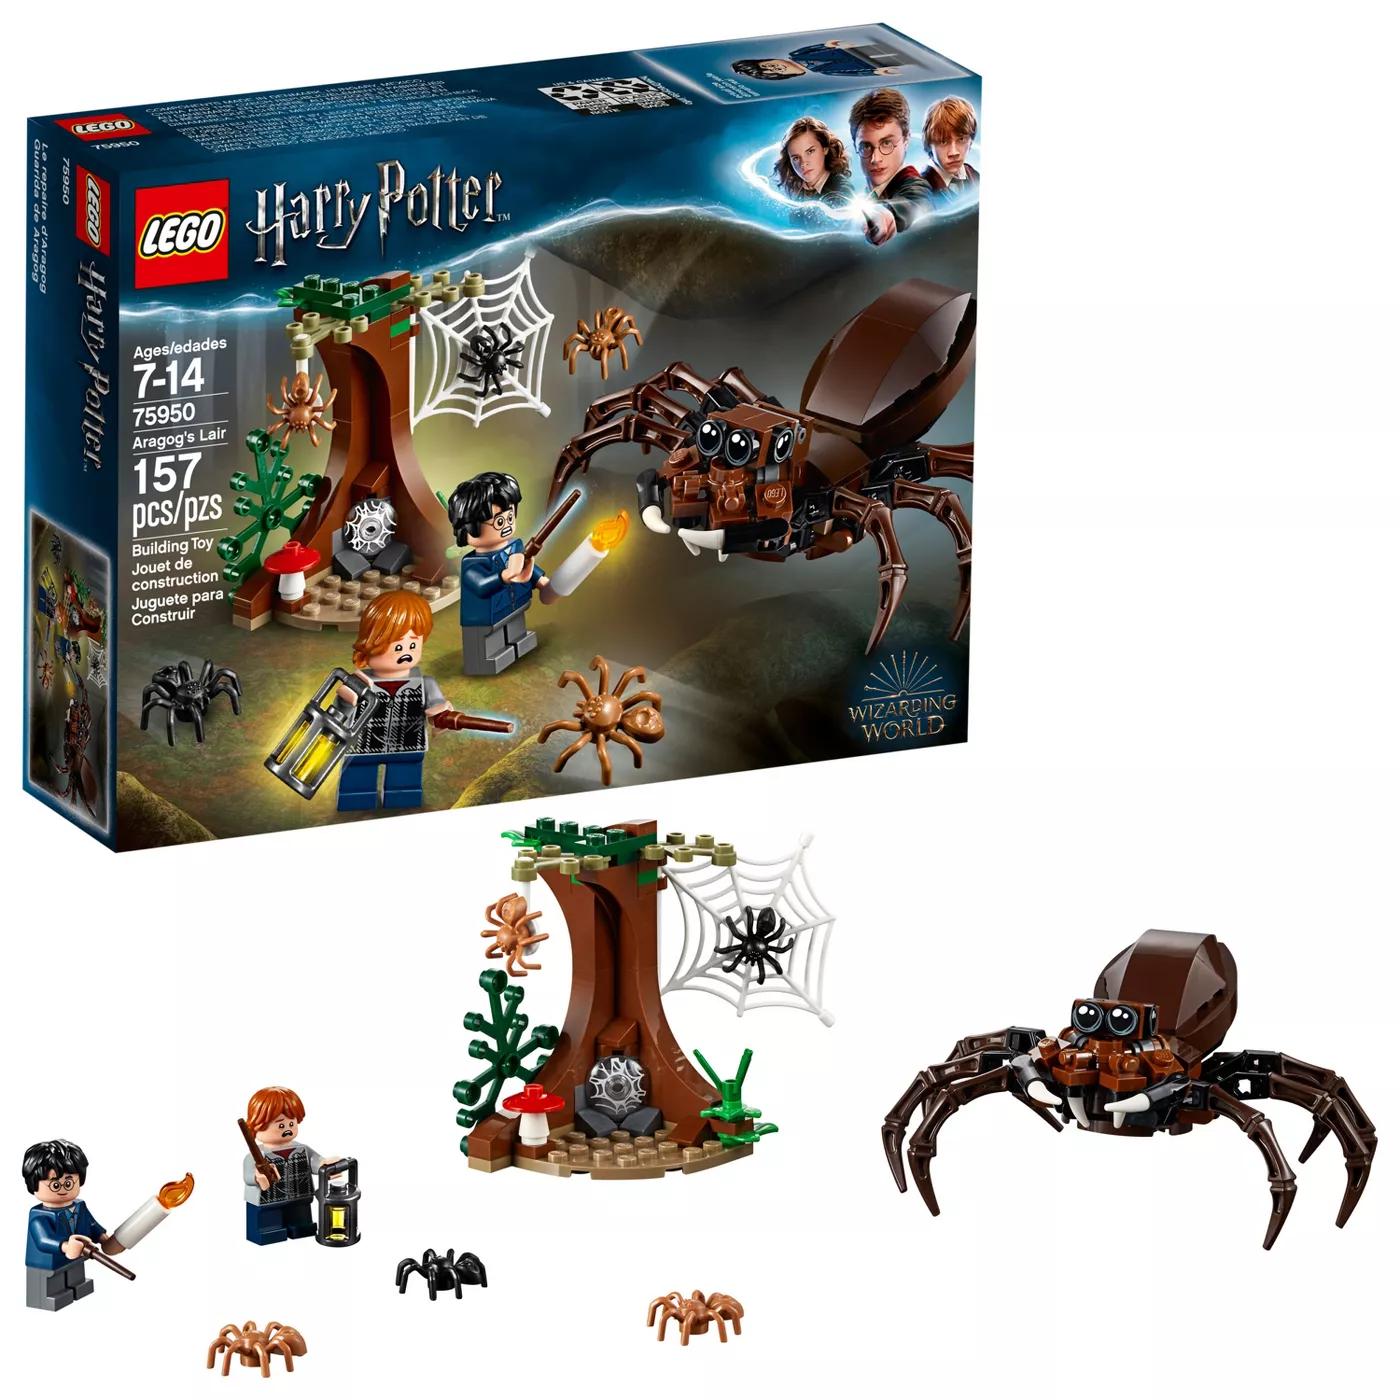 Lego Harry Potter Aragog